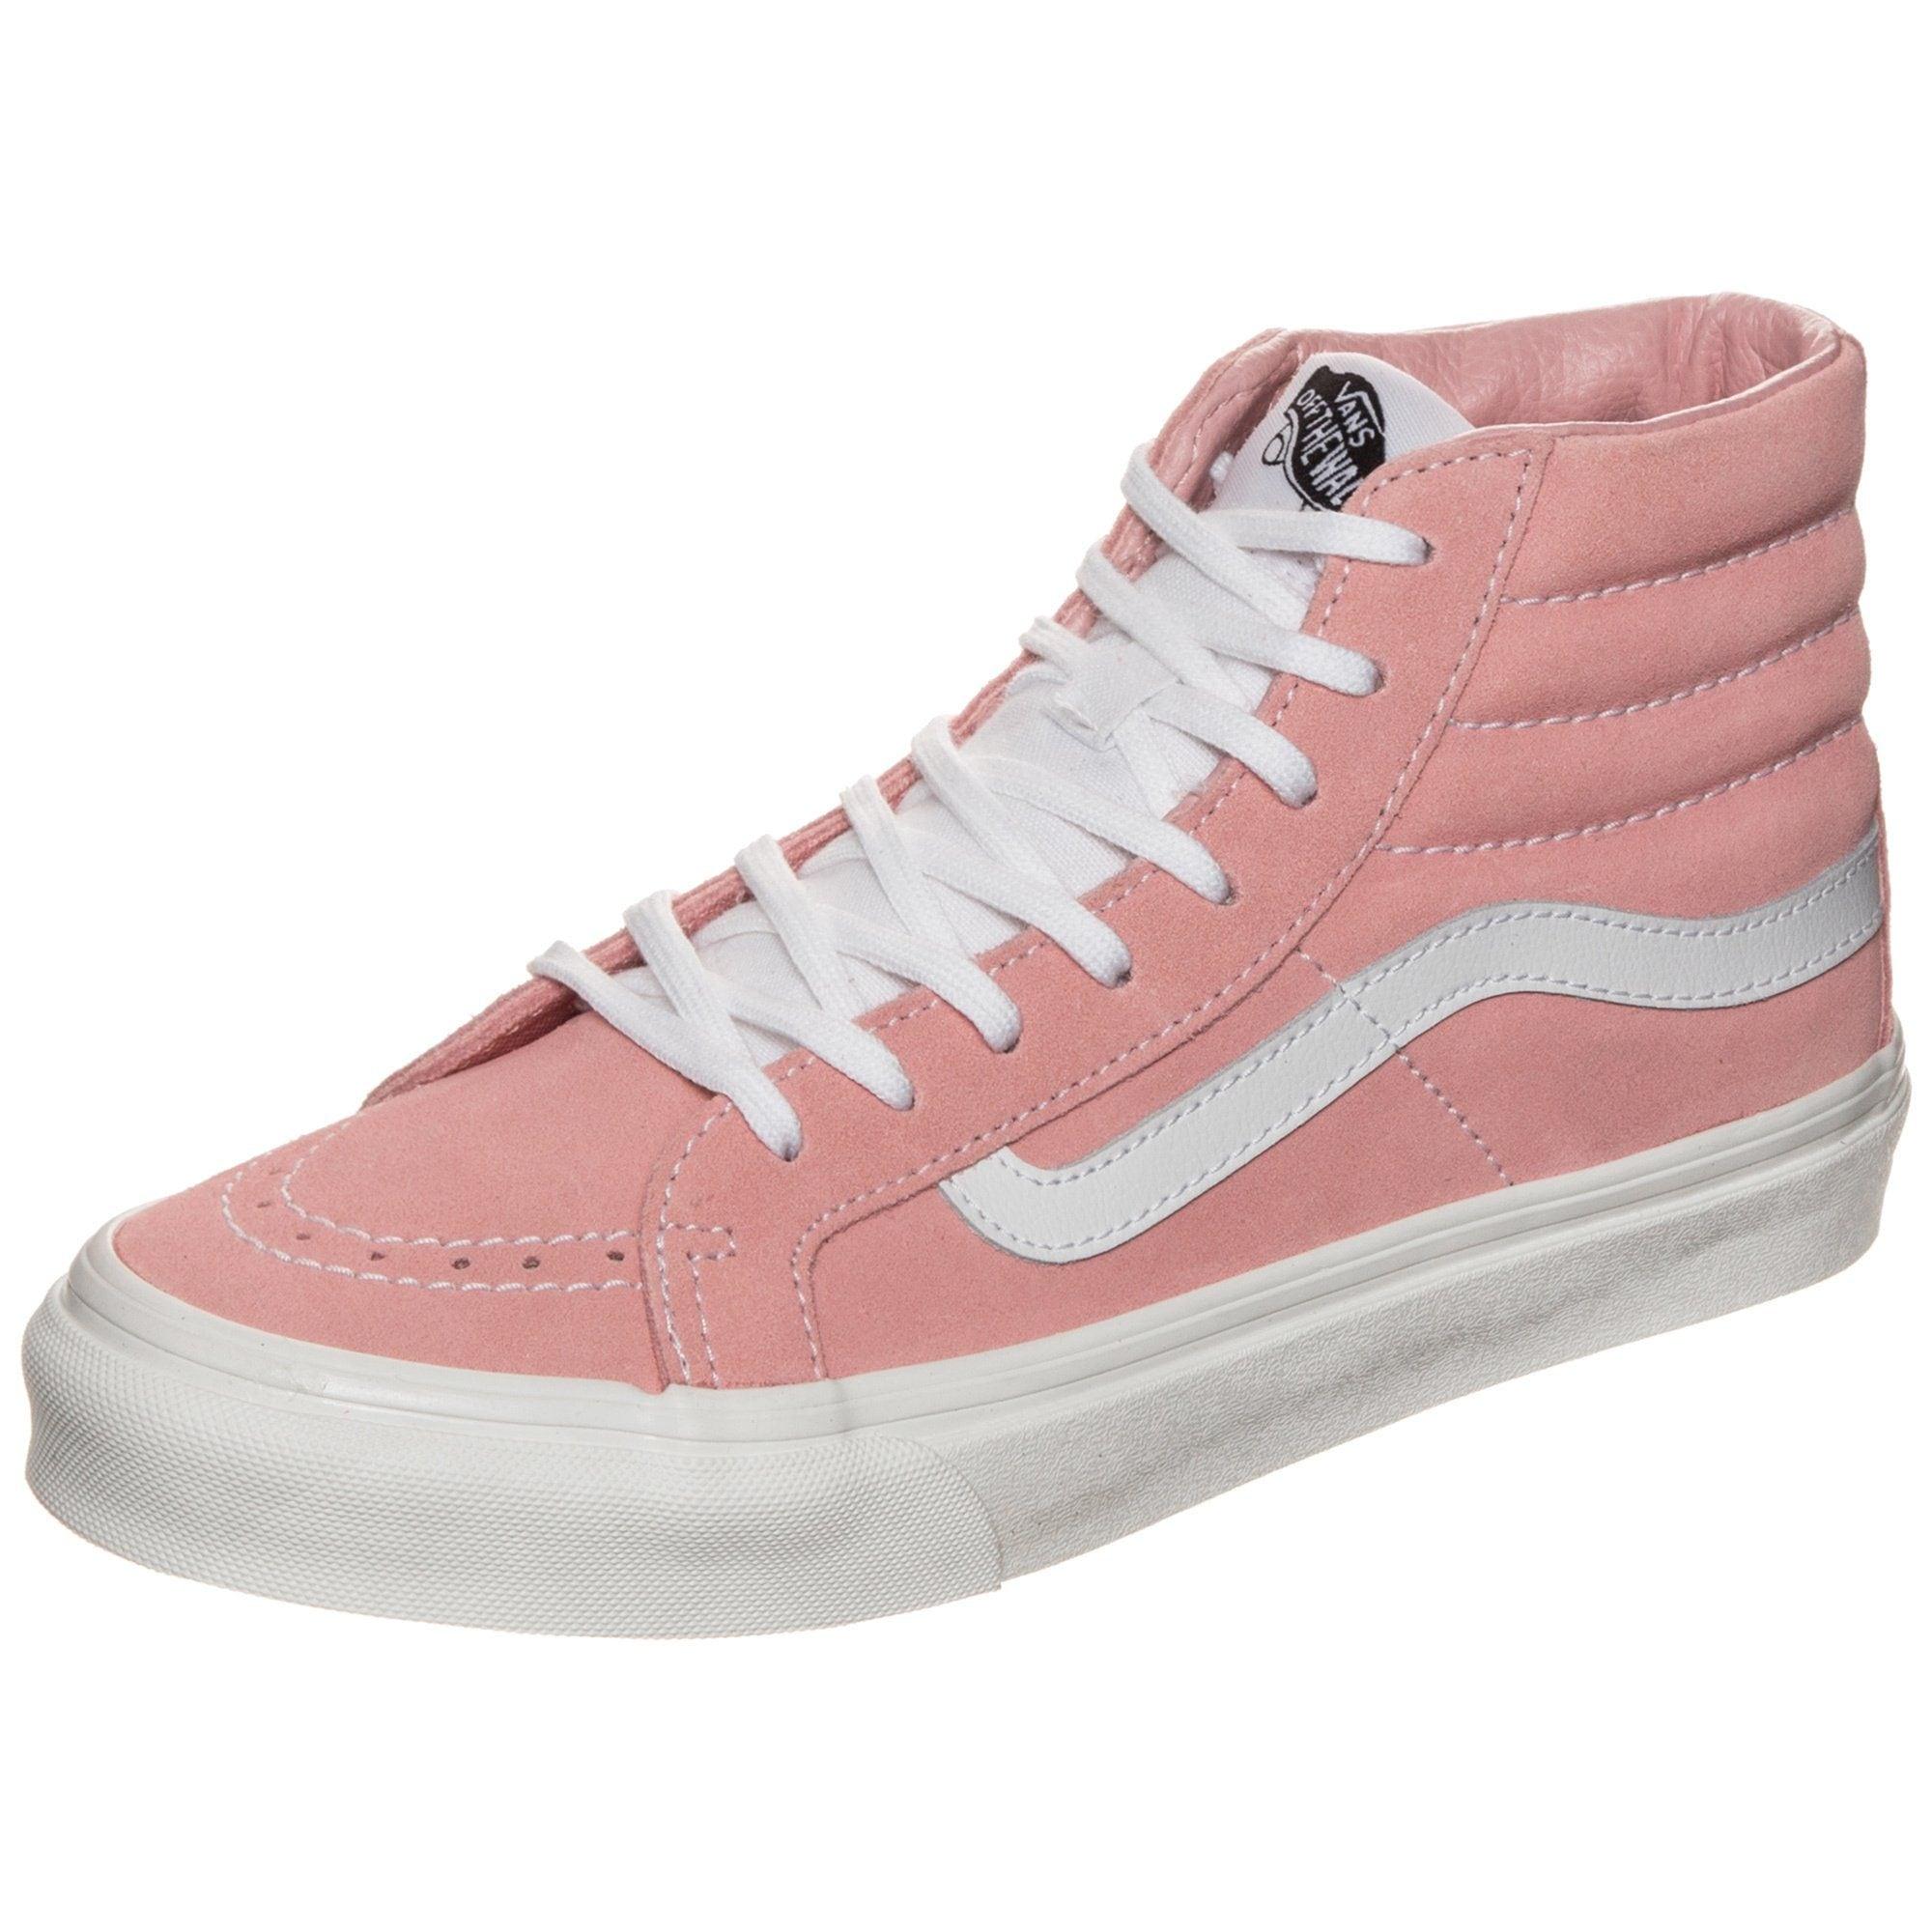 Vans Sneaker Sk8-hi Slim per Rechnung Rechnung per | Gutes Preis-Leistungs-Verhältnis, es lohnt sich 700039